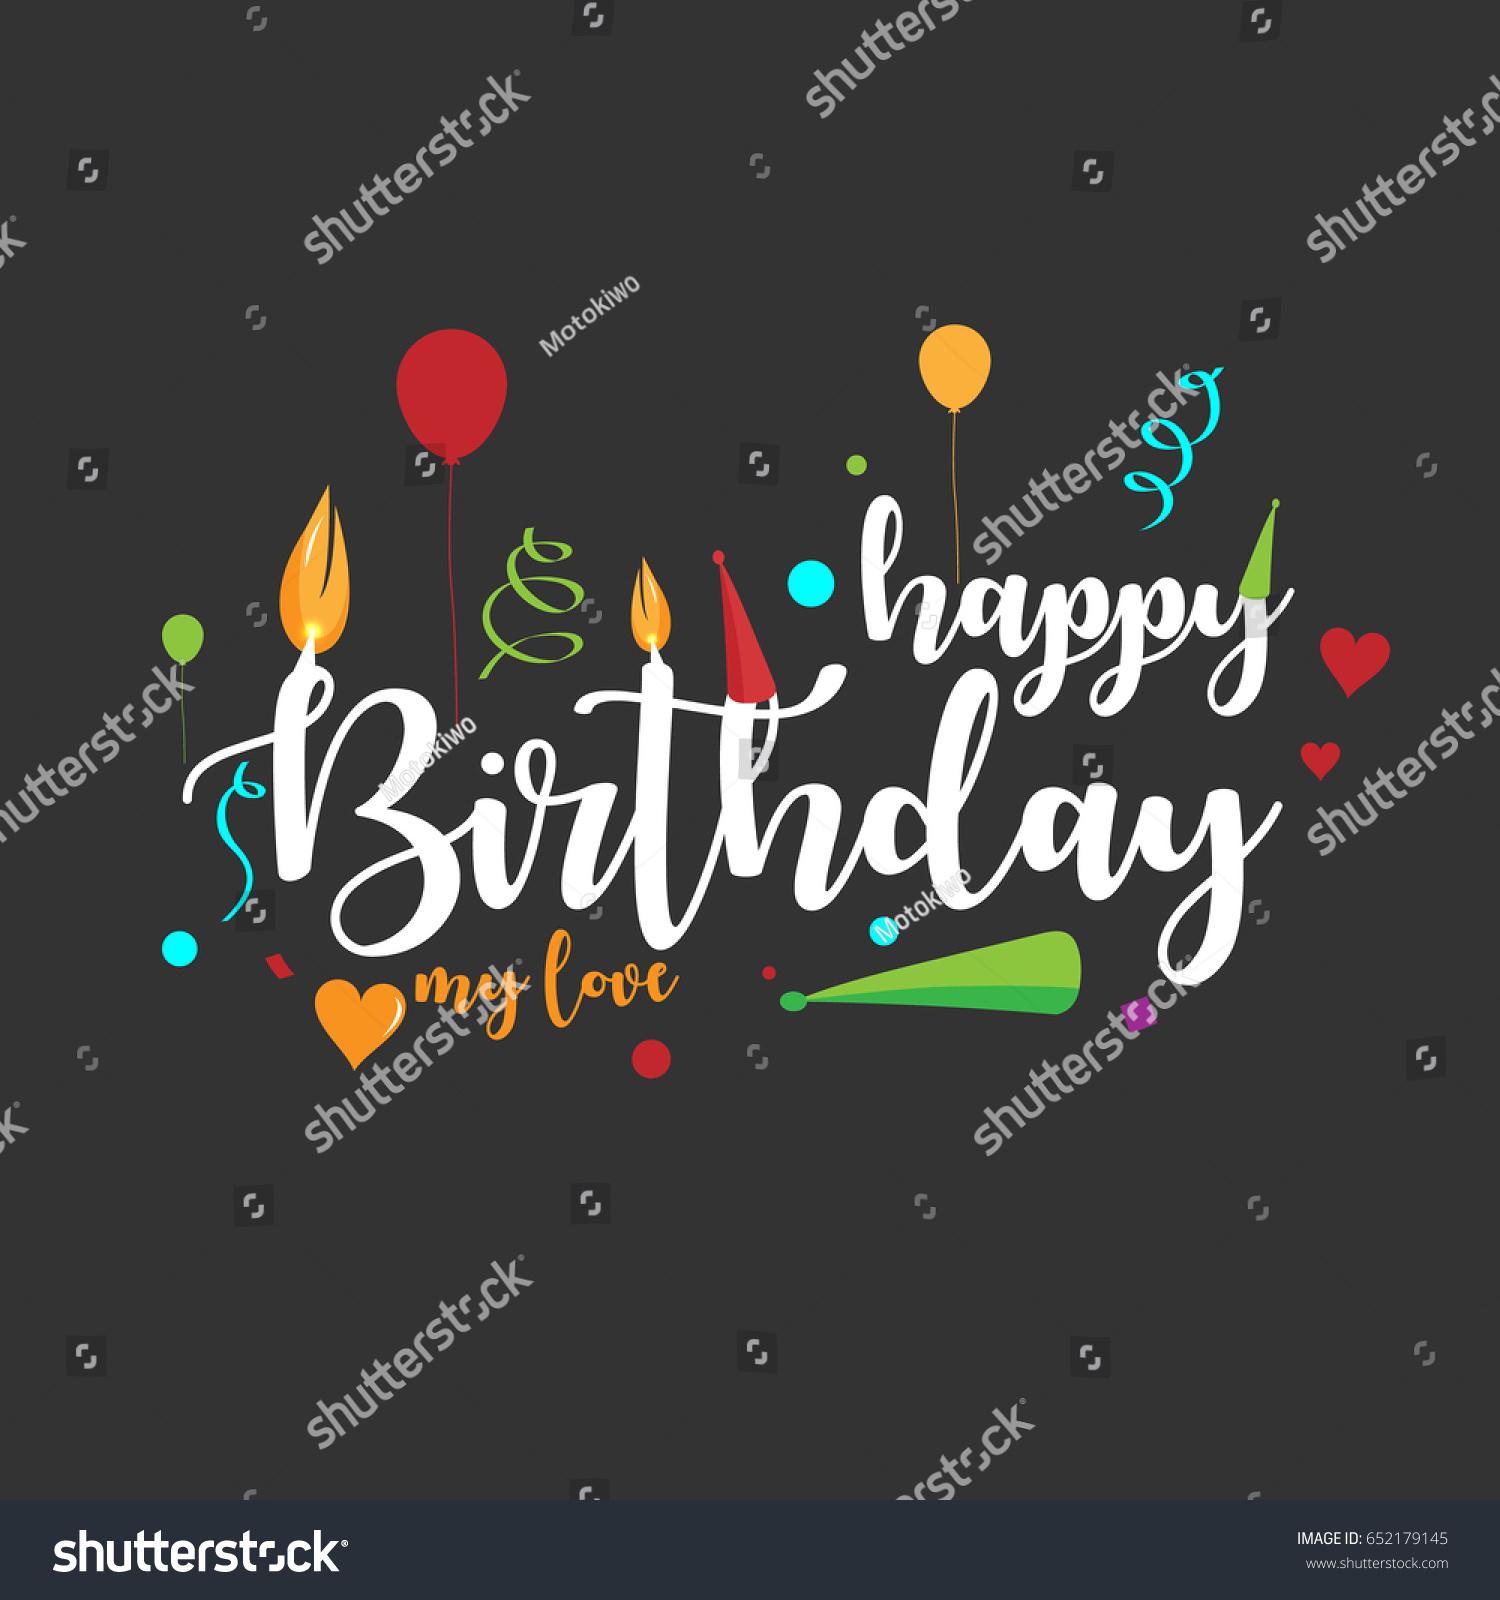 Lovely happy birthday my love typography stok vektr 652179145 lovely happy birthday my love typography stok vektr 652179145 shutterstock m4hsunfo